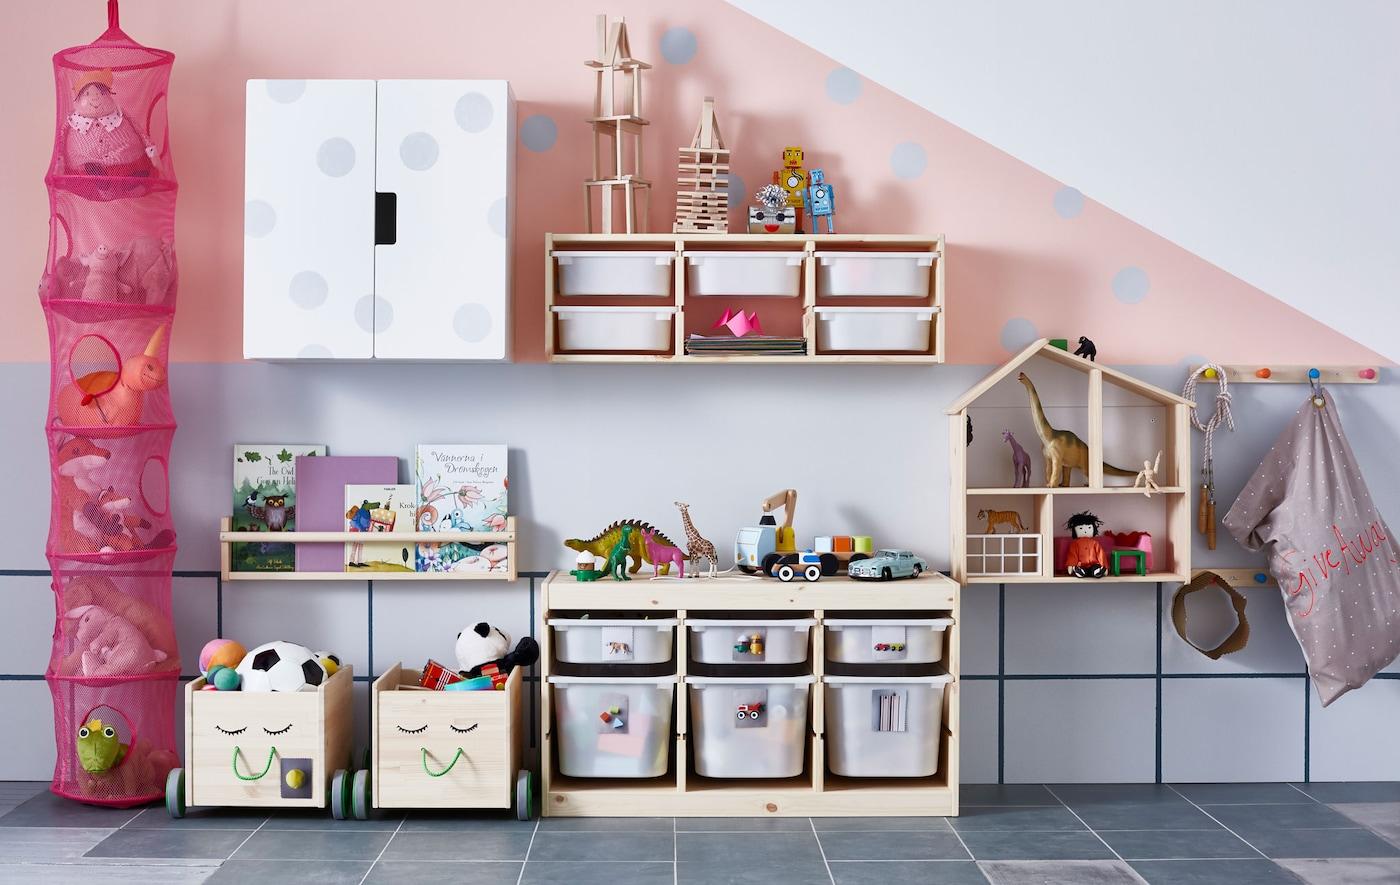 تخزين ملائم للعب على الحائط في غرفة الأطفال.